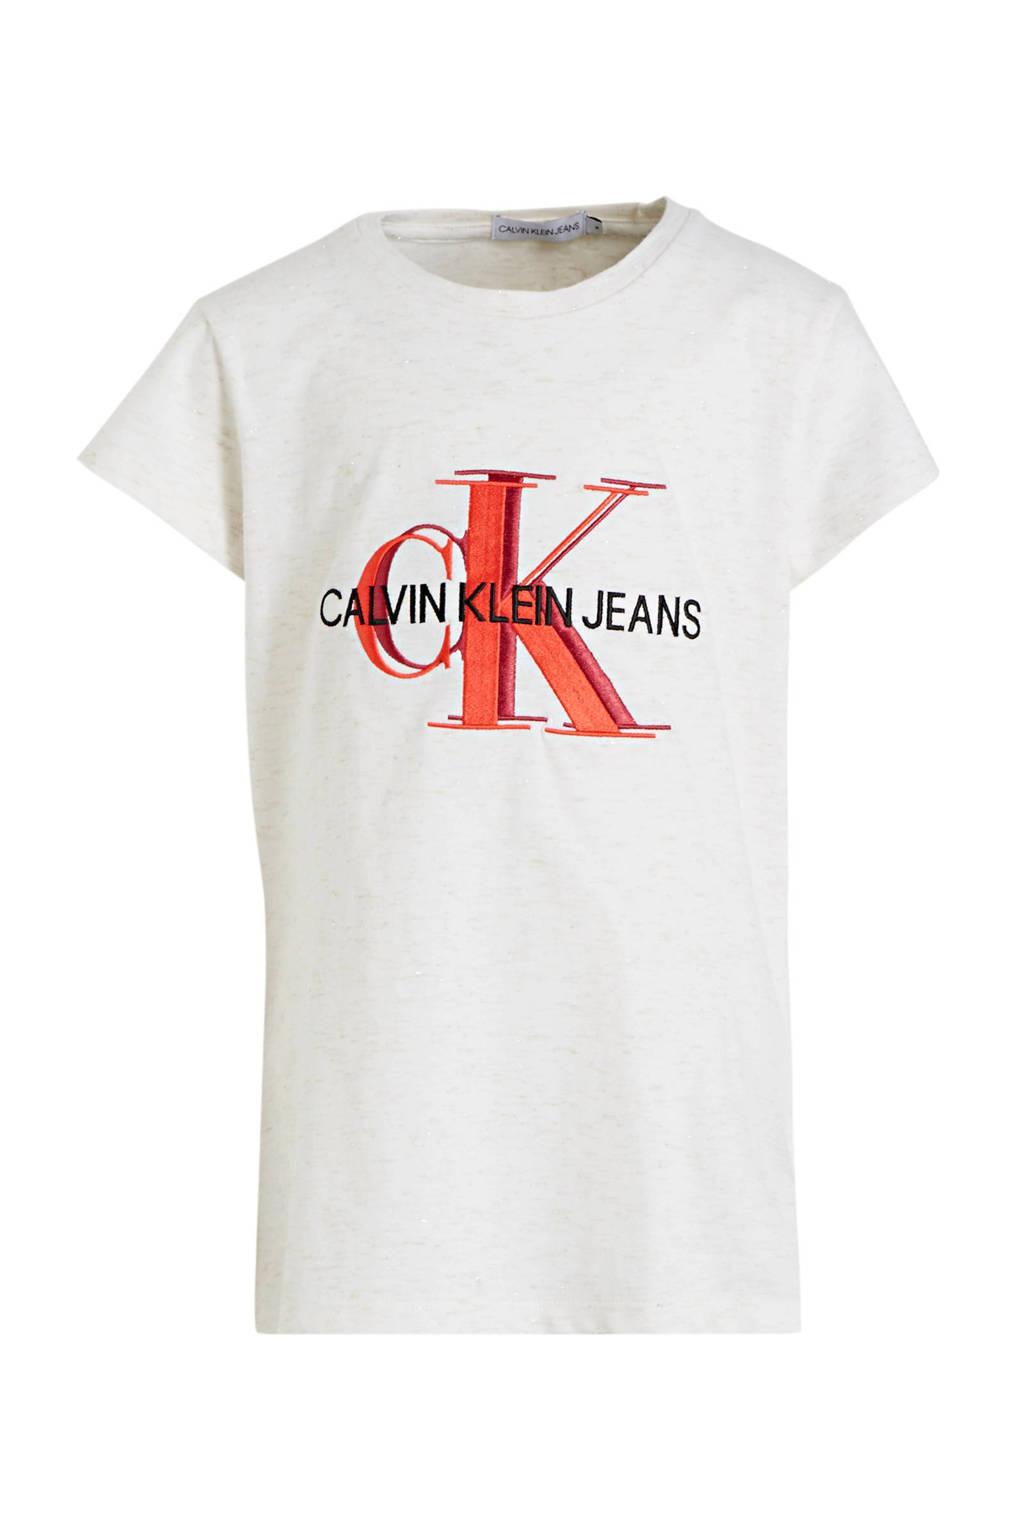 CALVIN KLEIN JEANS T-shirt van biologisch katoen wit/rood/zwart, Wit/rood/zwart